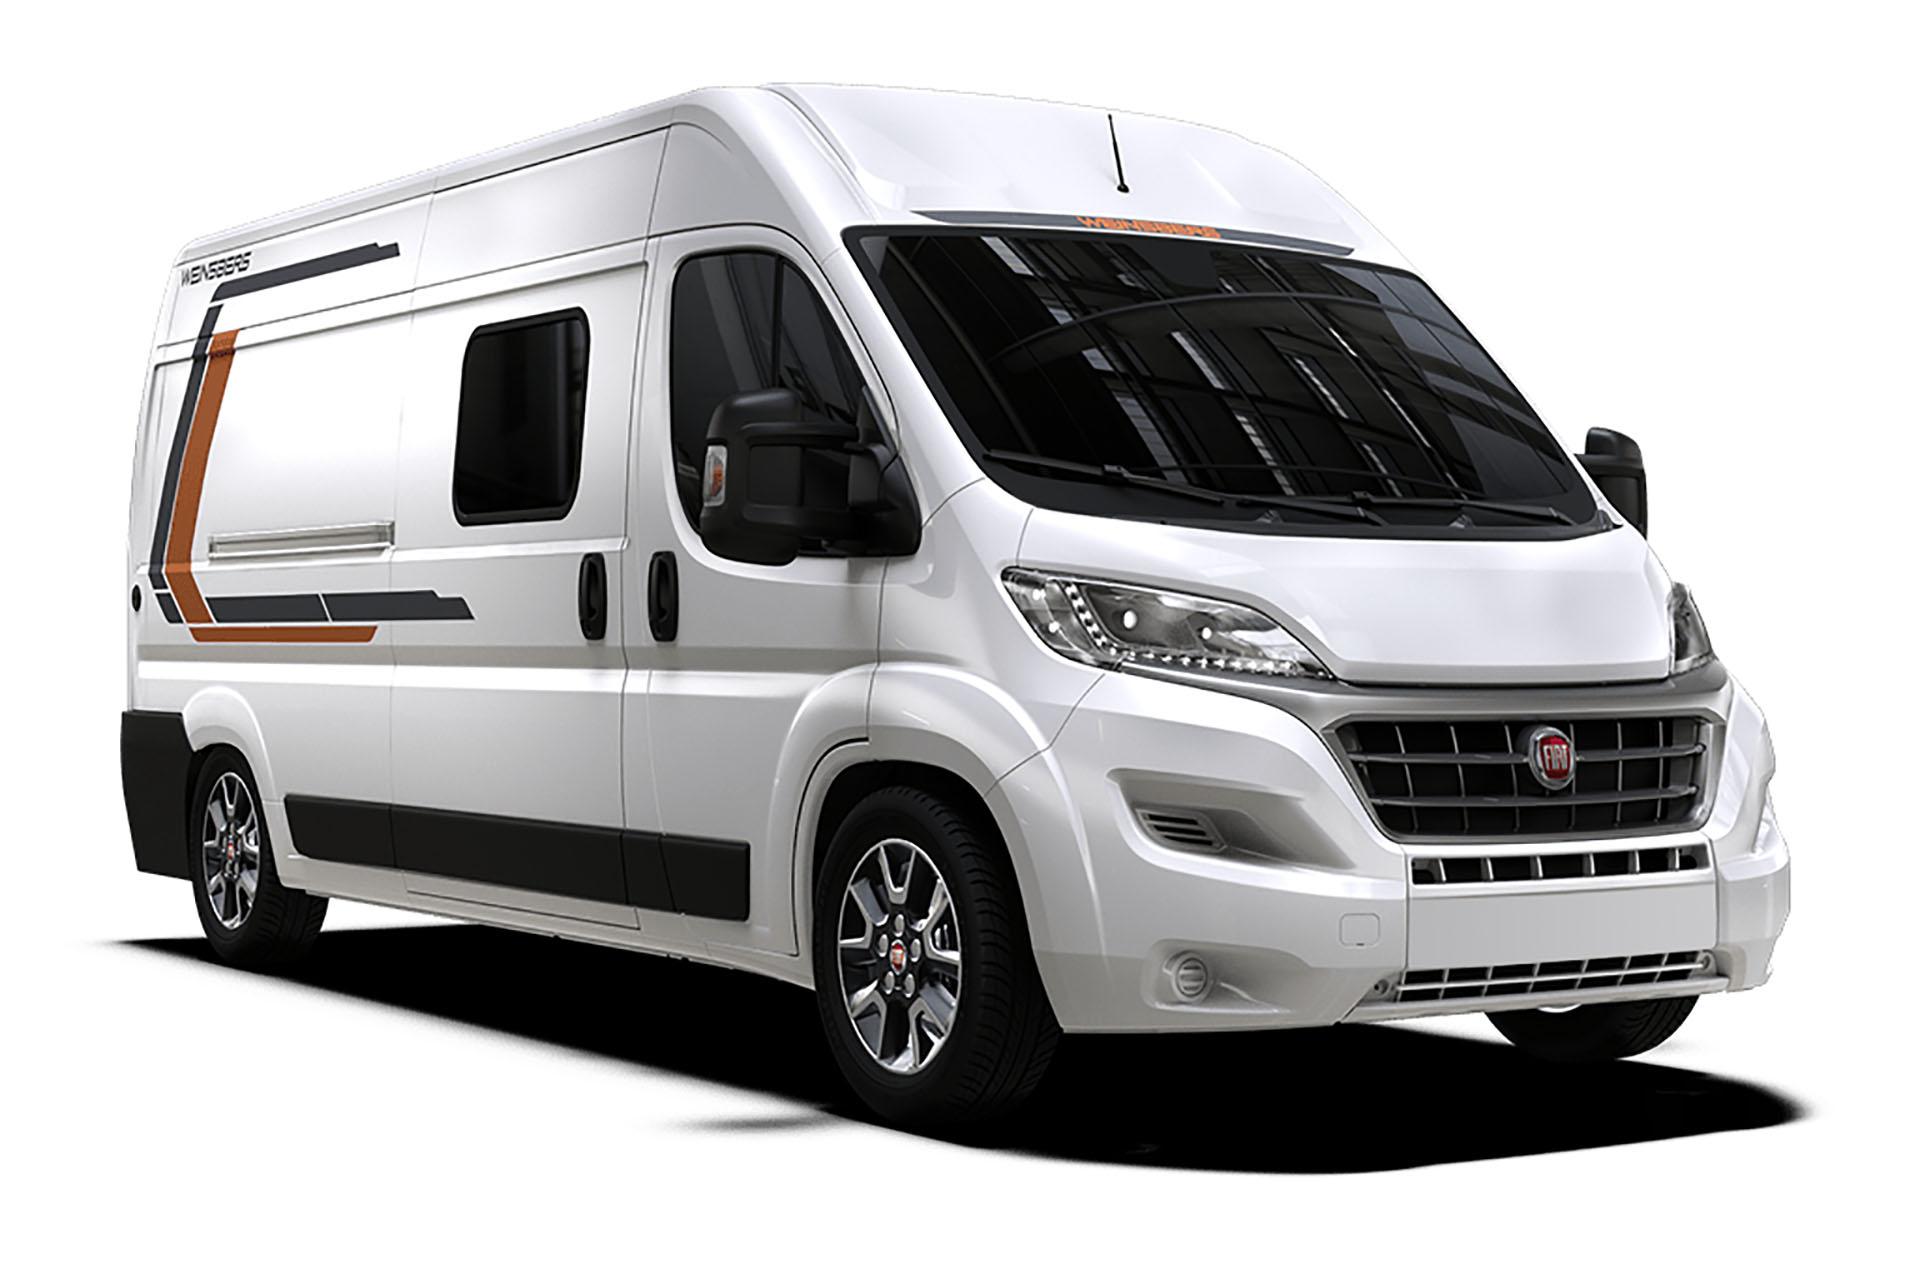 Europcar X9 - Kompaktes Wohnmobil für 9 Personen zur Miete in Island